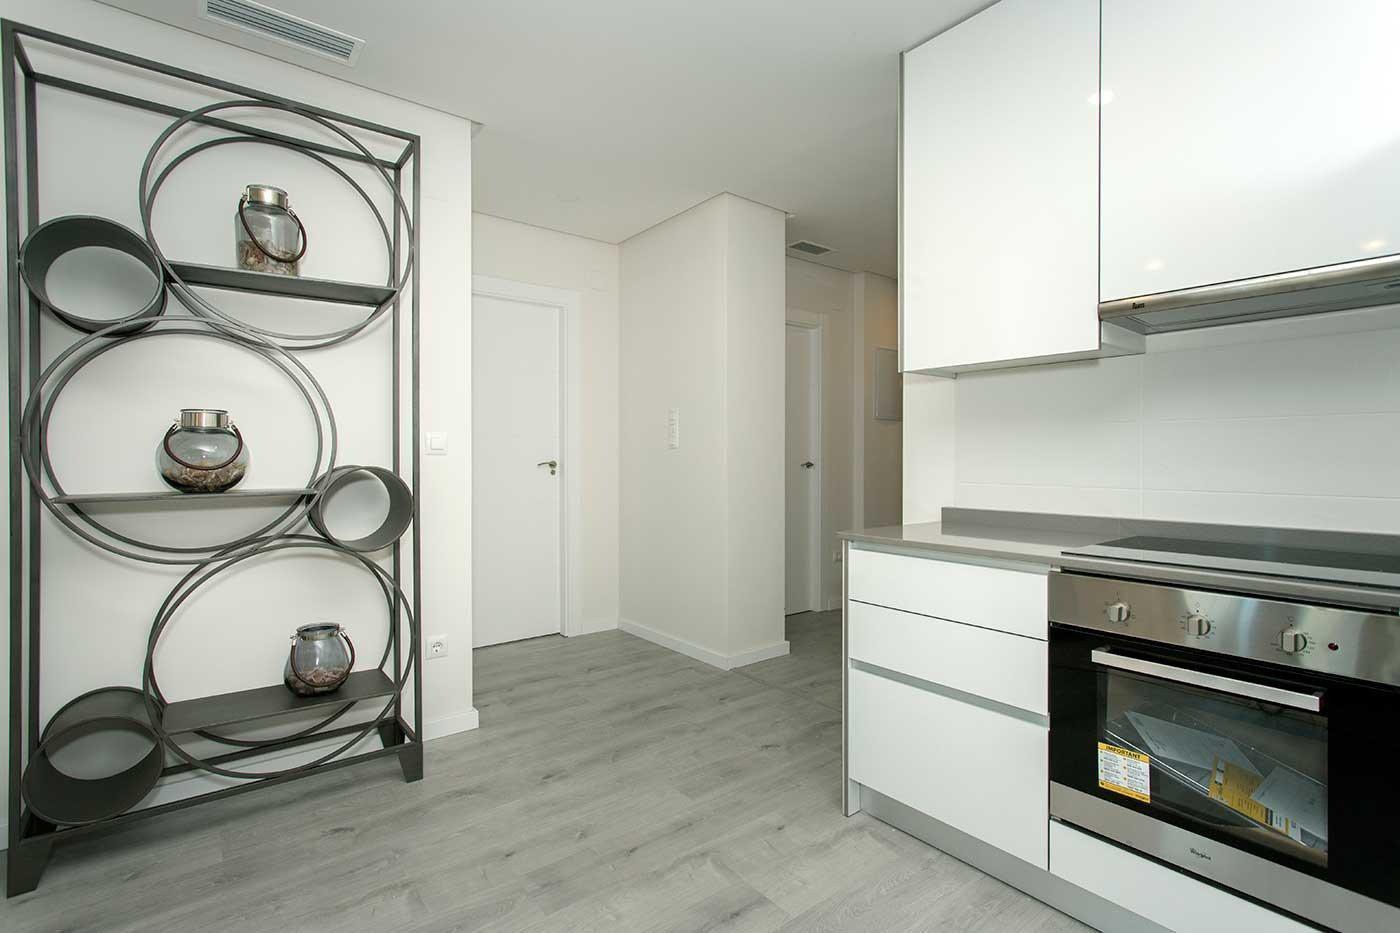 Complejo de estilo moderno con apartamentos de 2,3 dormitorios y 2 baños con amplias terra - imagenInmueble1